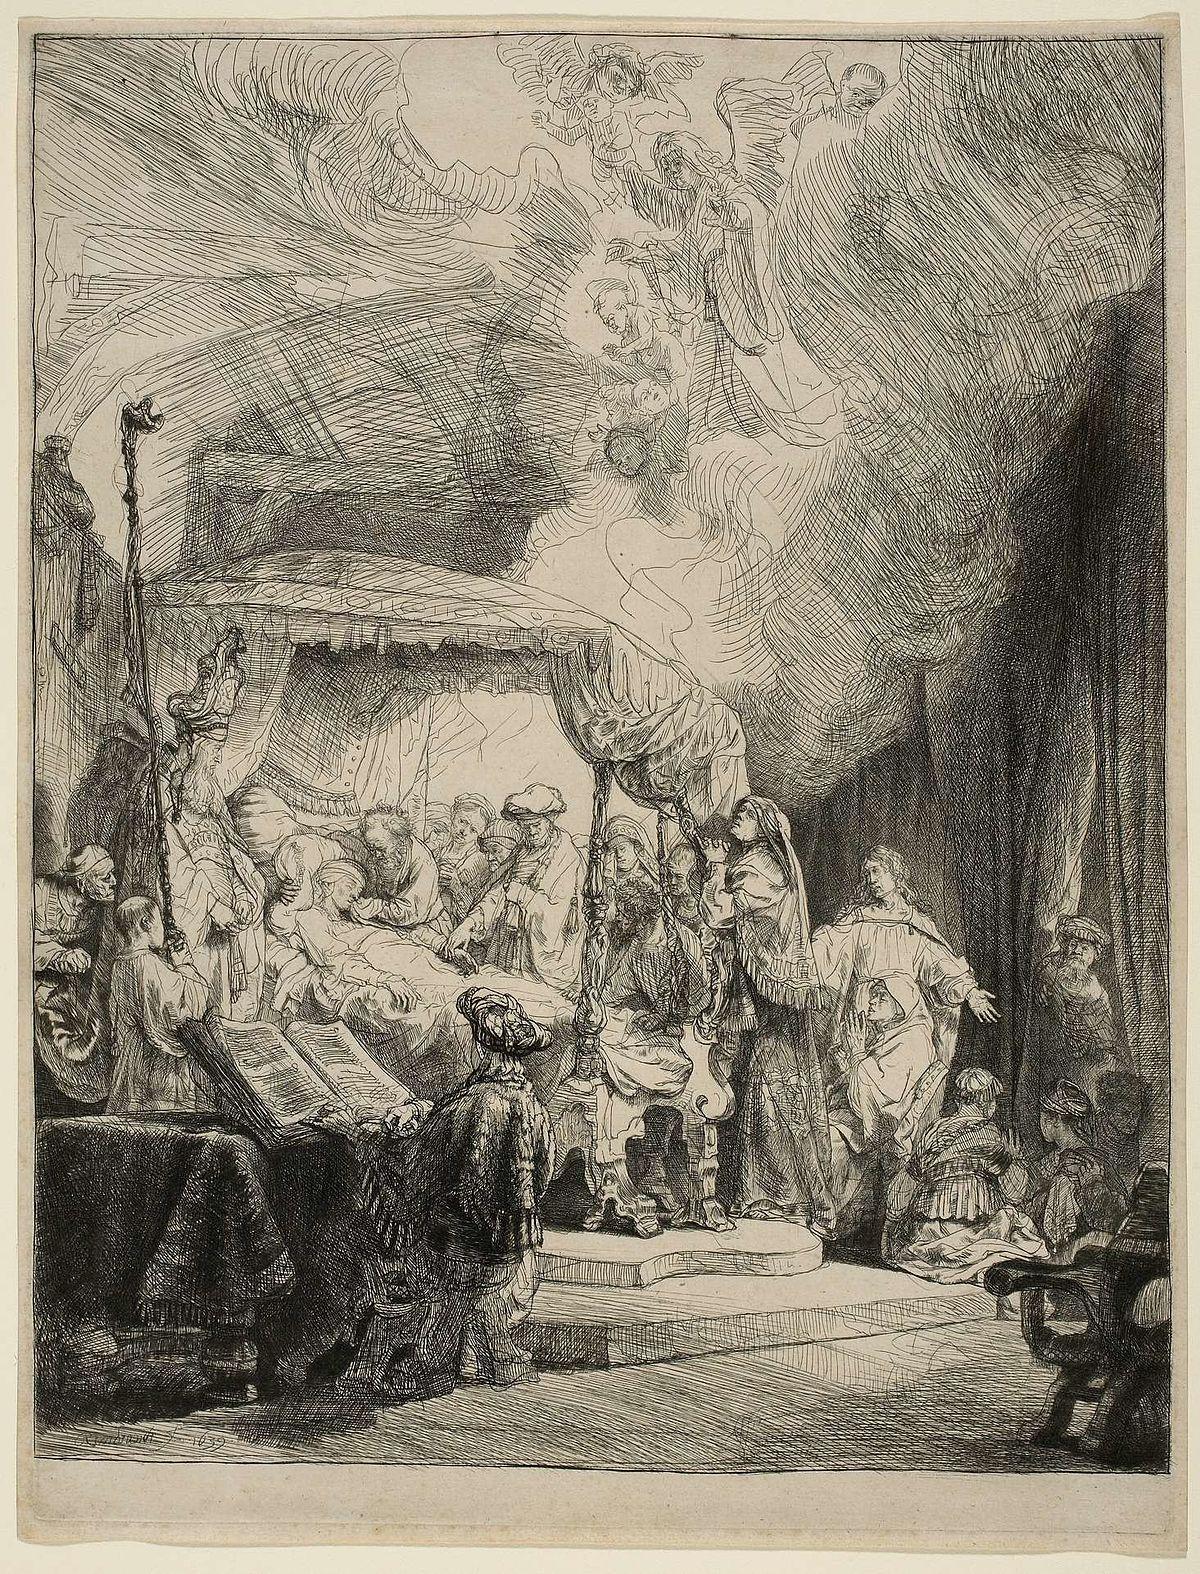 La mort de la vierge rembrandt wikip dia - Cuisiner des trompettes de la mort ...